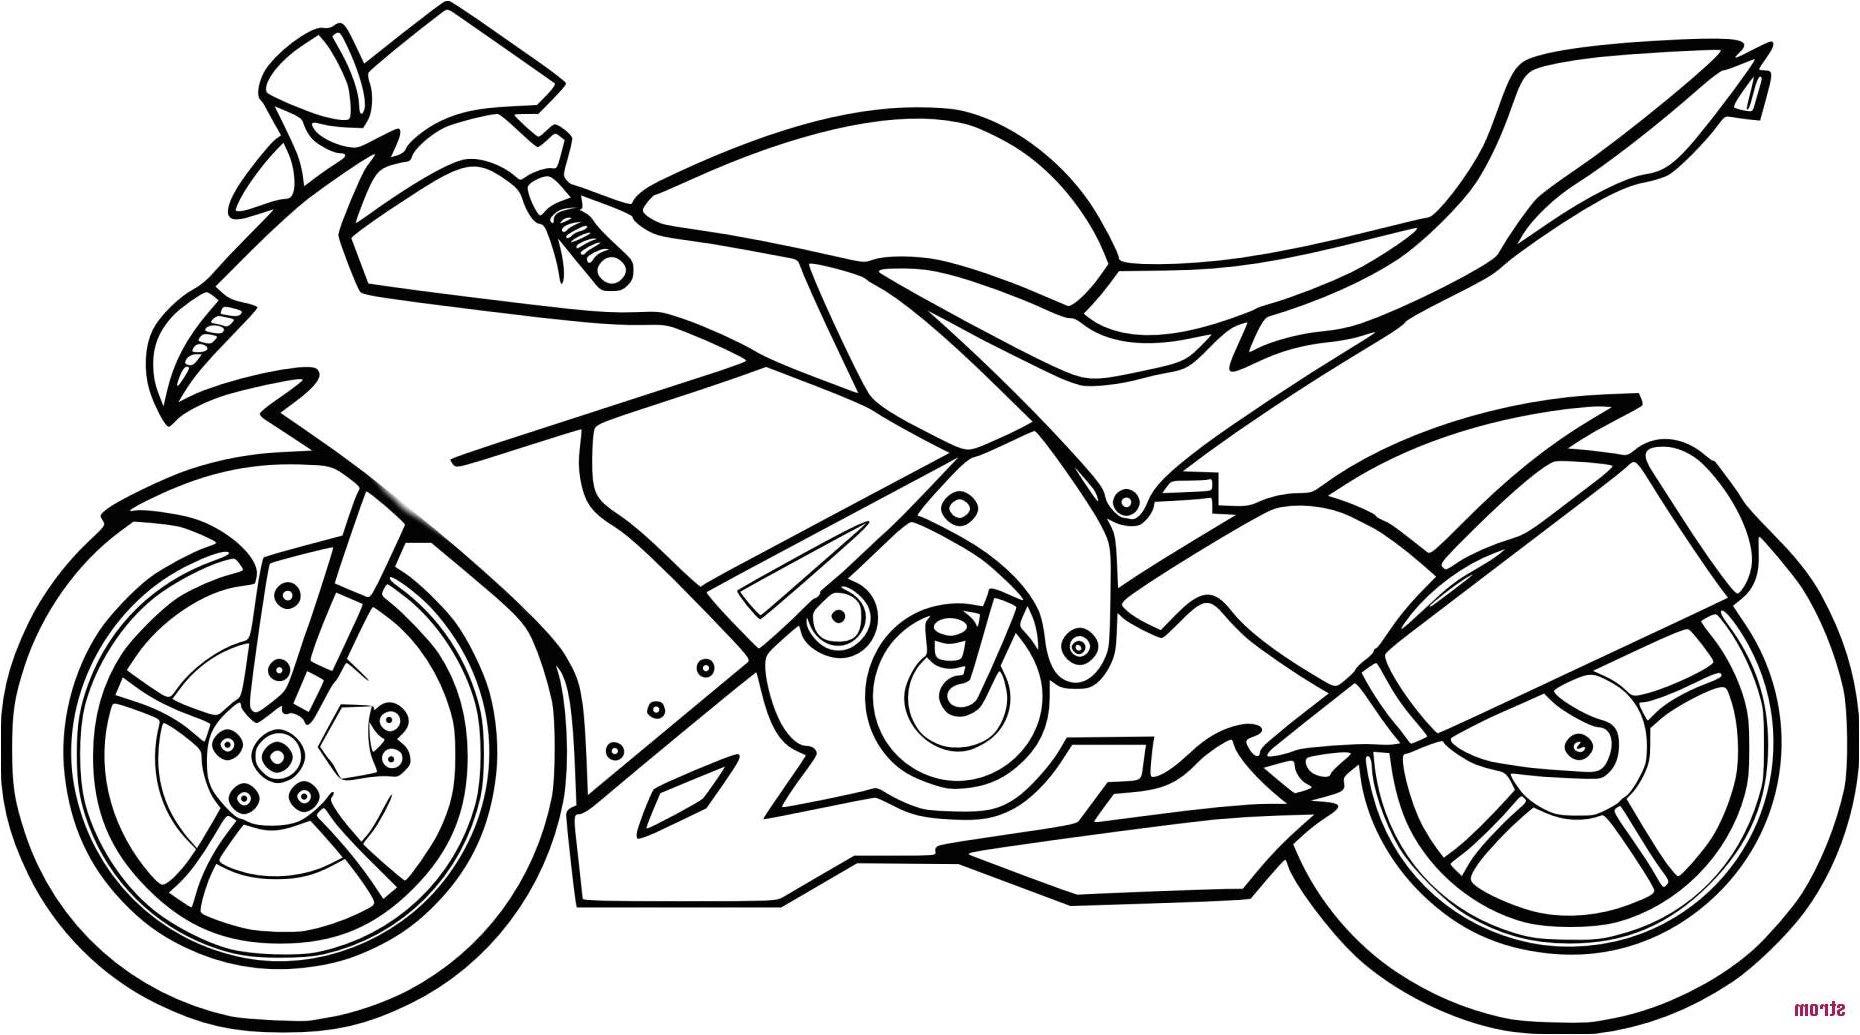 coloriage moto de course a imprimer #quadainnashville #quadalareunion #quadalloretdemar # ...